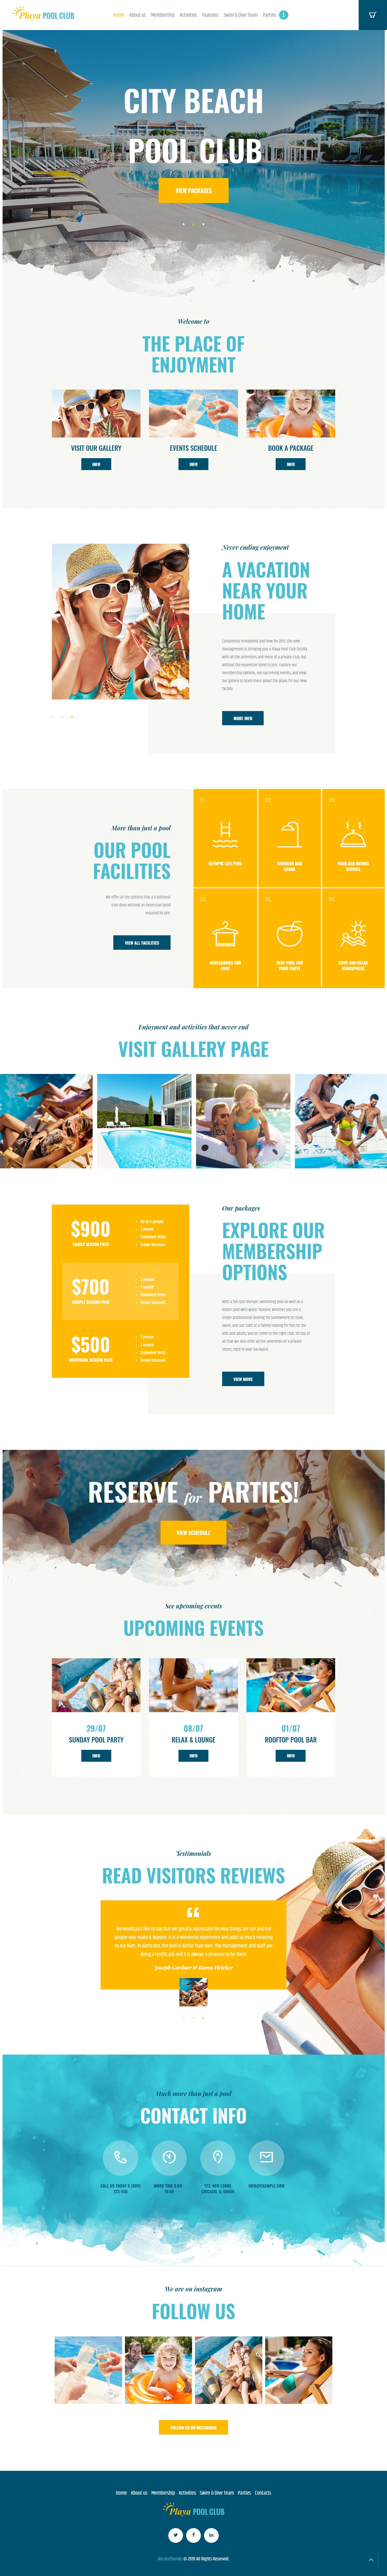 playa best premium outdoor activities wordpress theme - 10+ Best Premium Outdoor Activities WordPress Themes